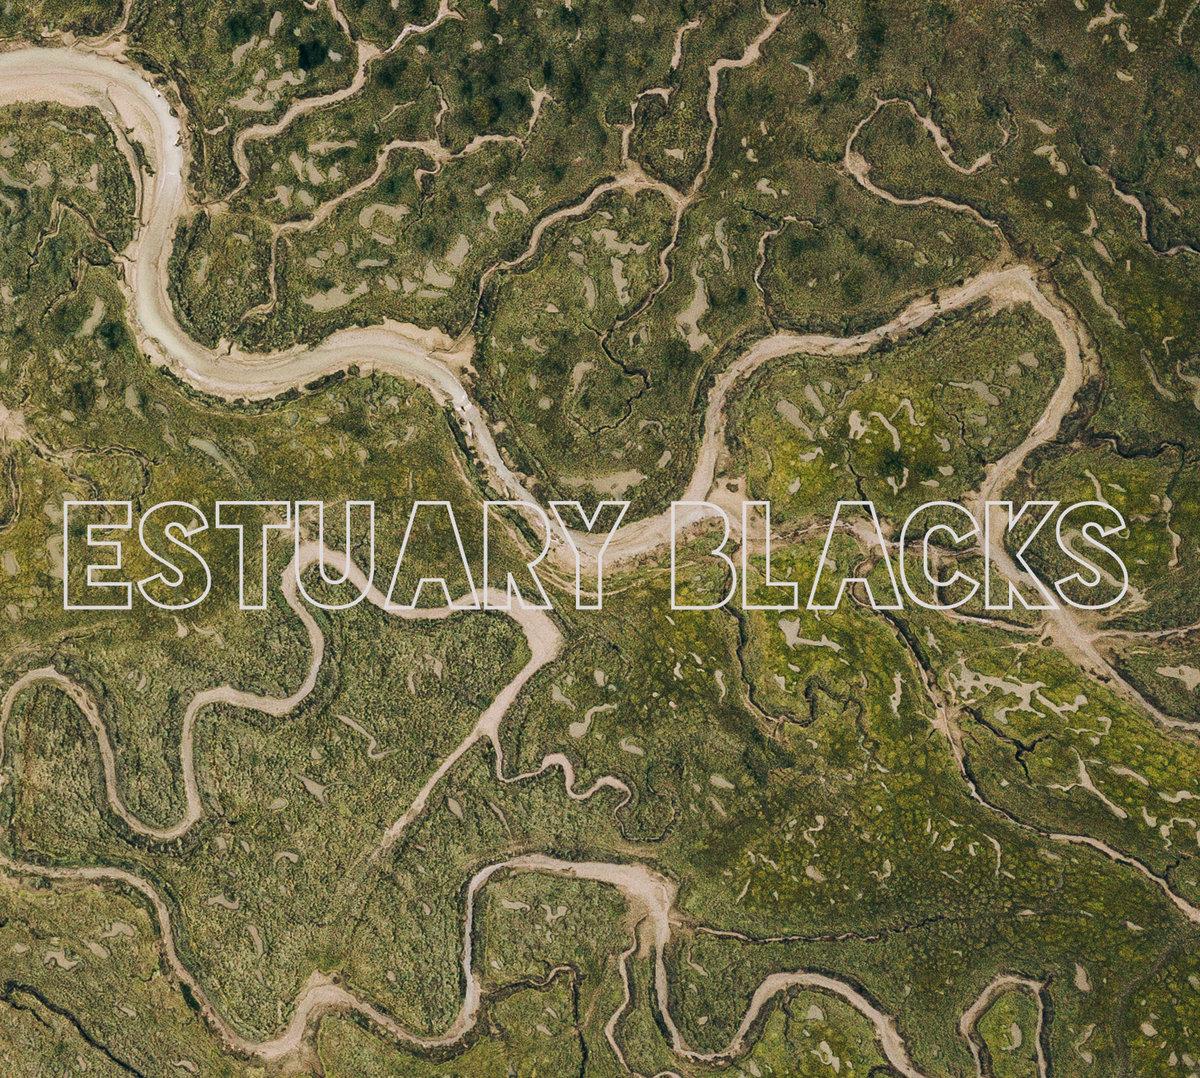 ESTUARY BLACKS ESTUARY BLACKS